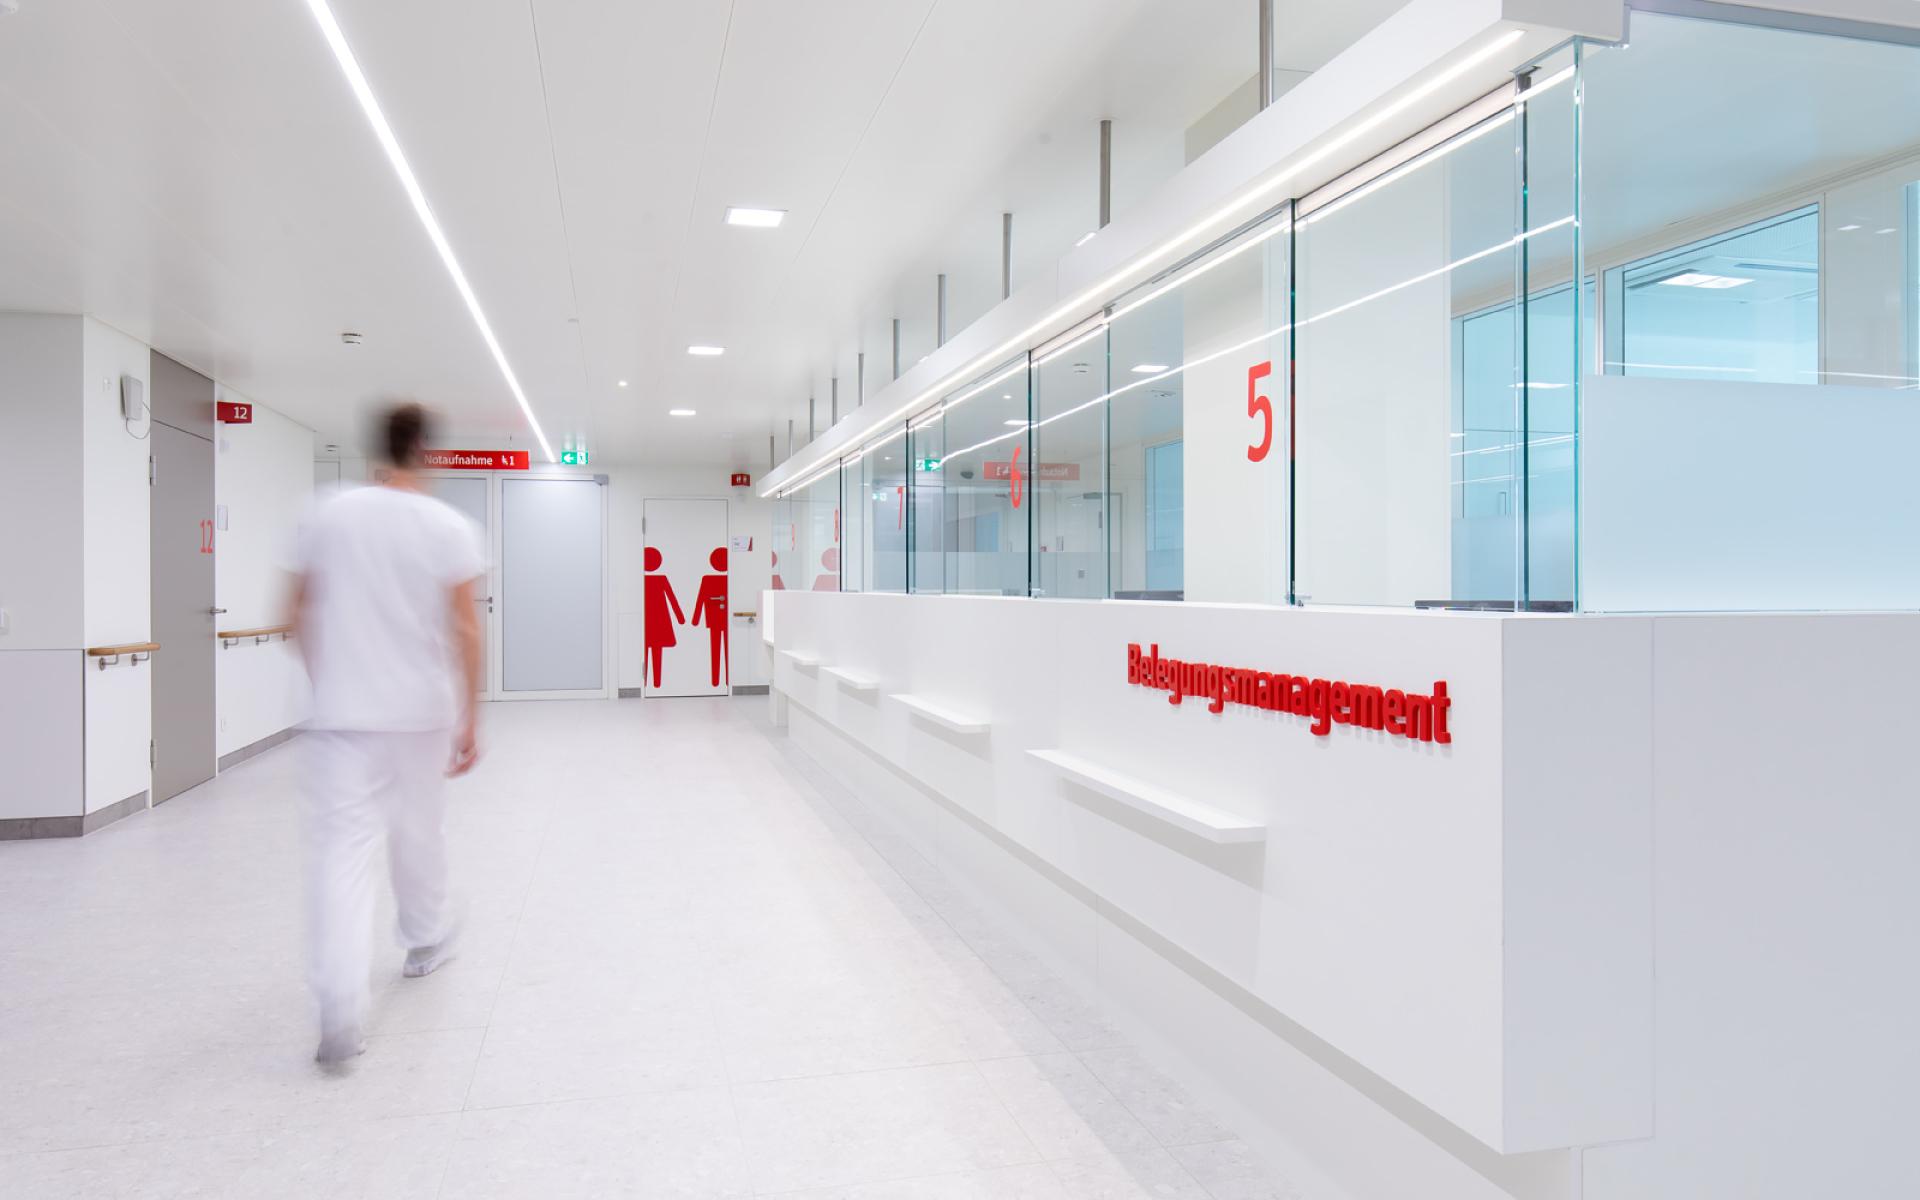 Leitsystem für das Krankenhaus Barmherzige Brüder am Standort Marschallgasse Graz von der Designagentur look! design